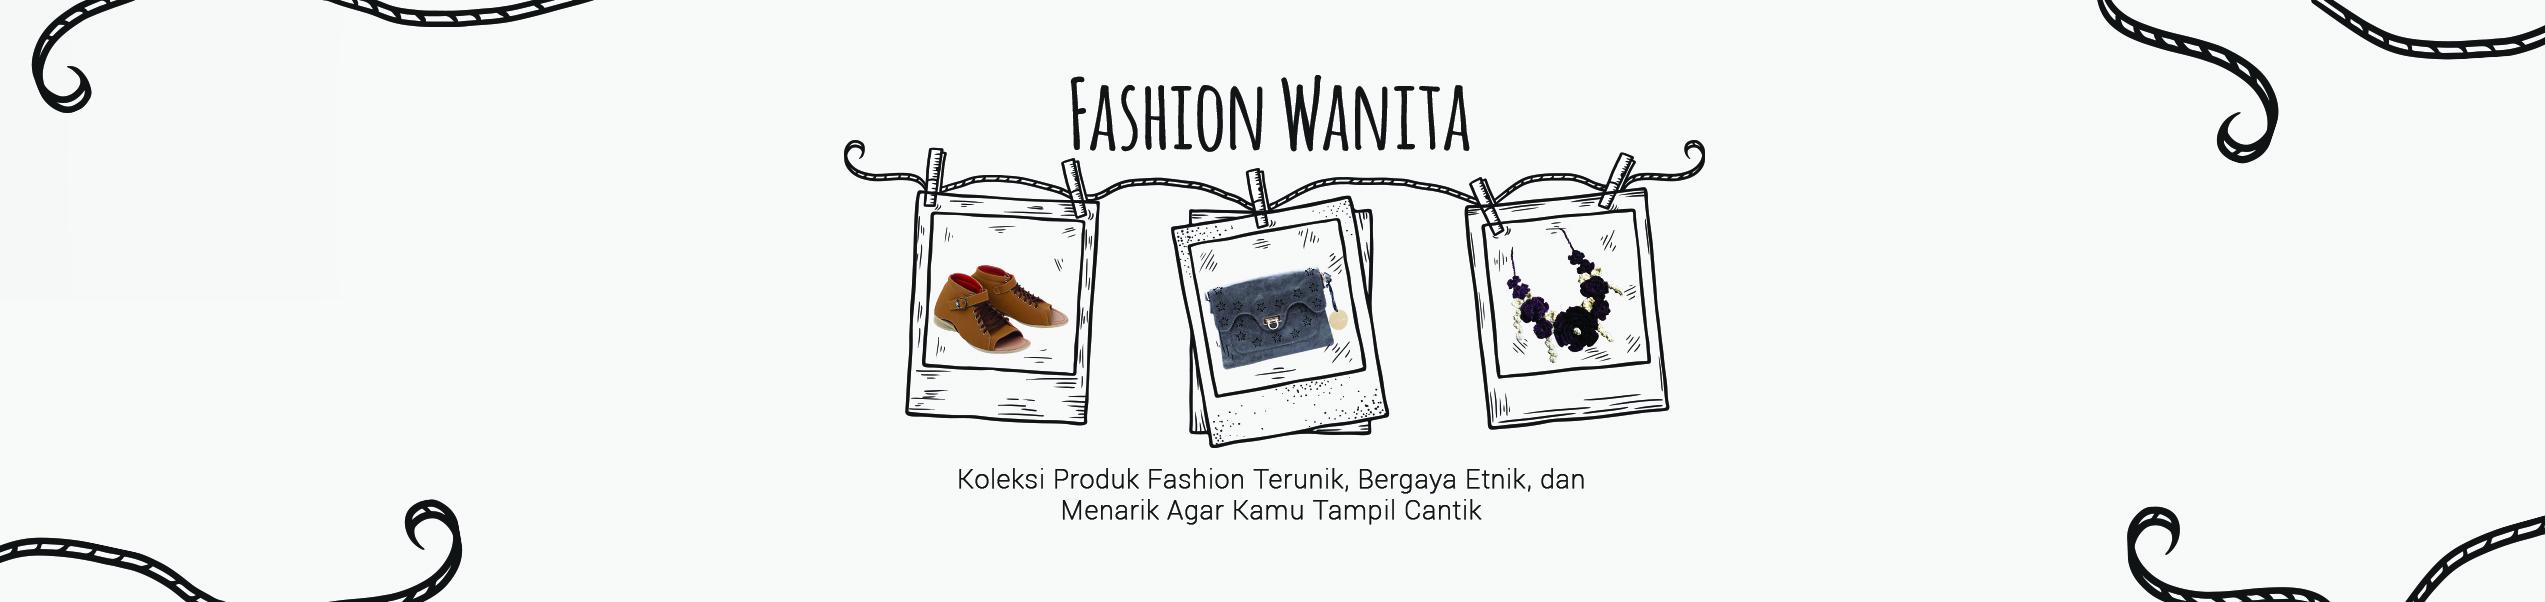 Banner fashion wanita